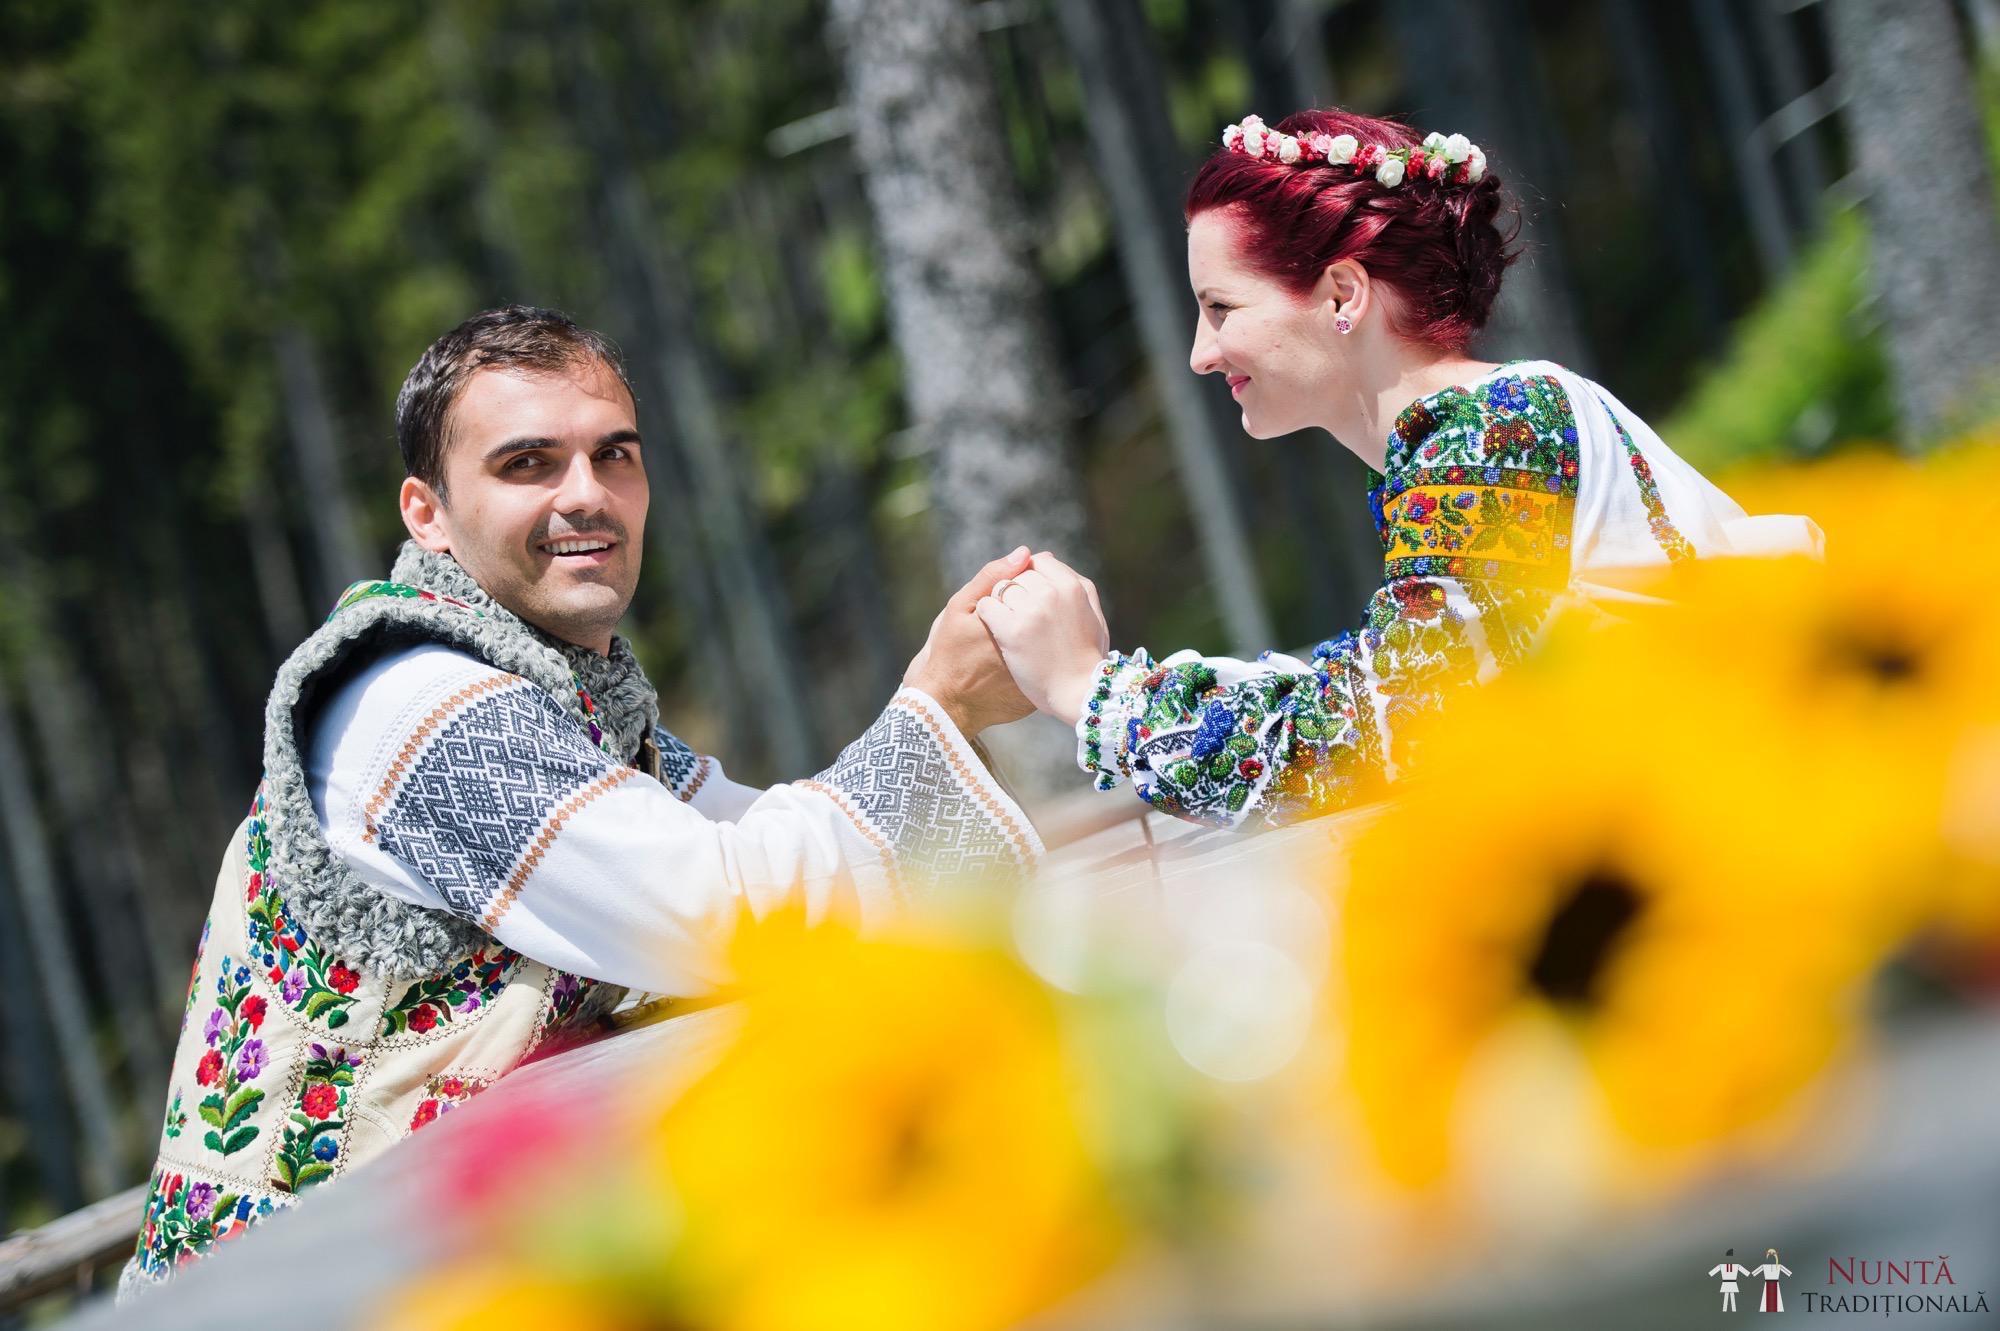 Povești Nunți Tradiționale - Gabriela și Mădălin - Nuntă Tradițională în Suceava, Bucovina 28